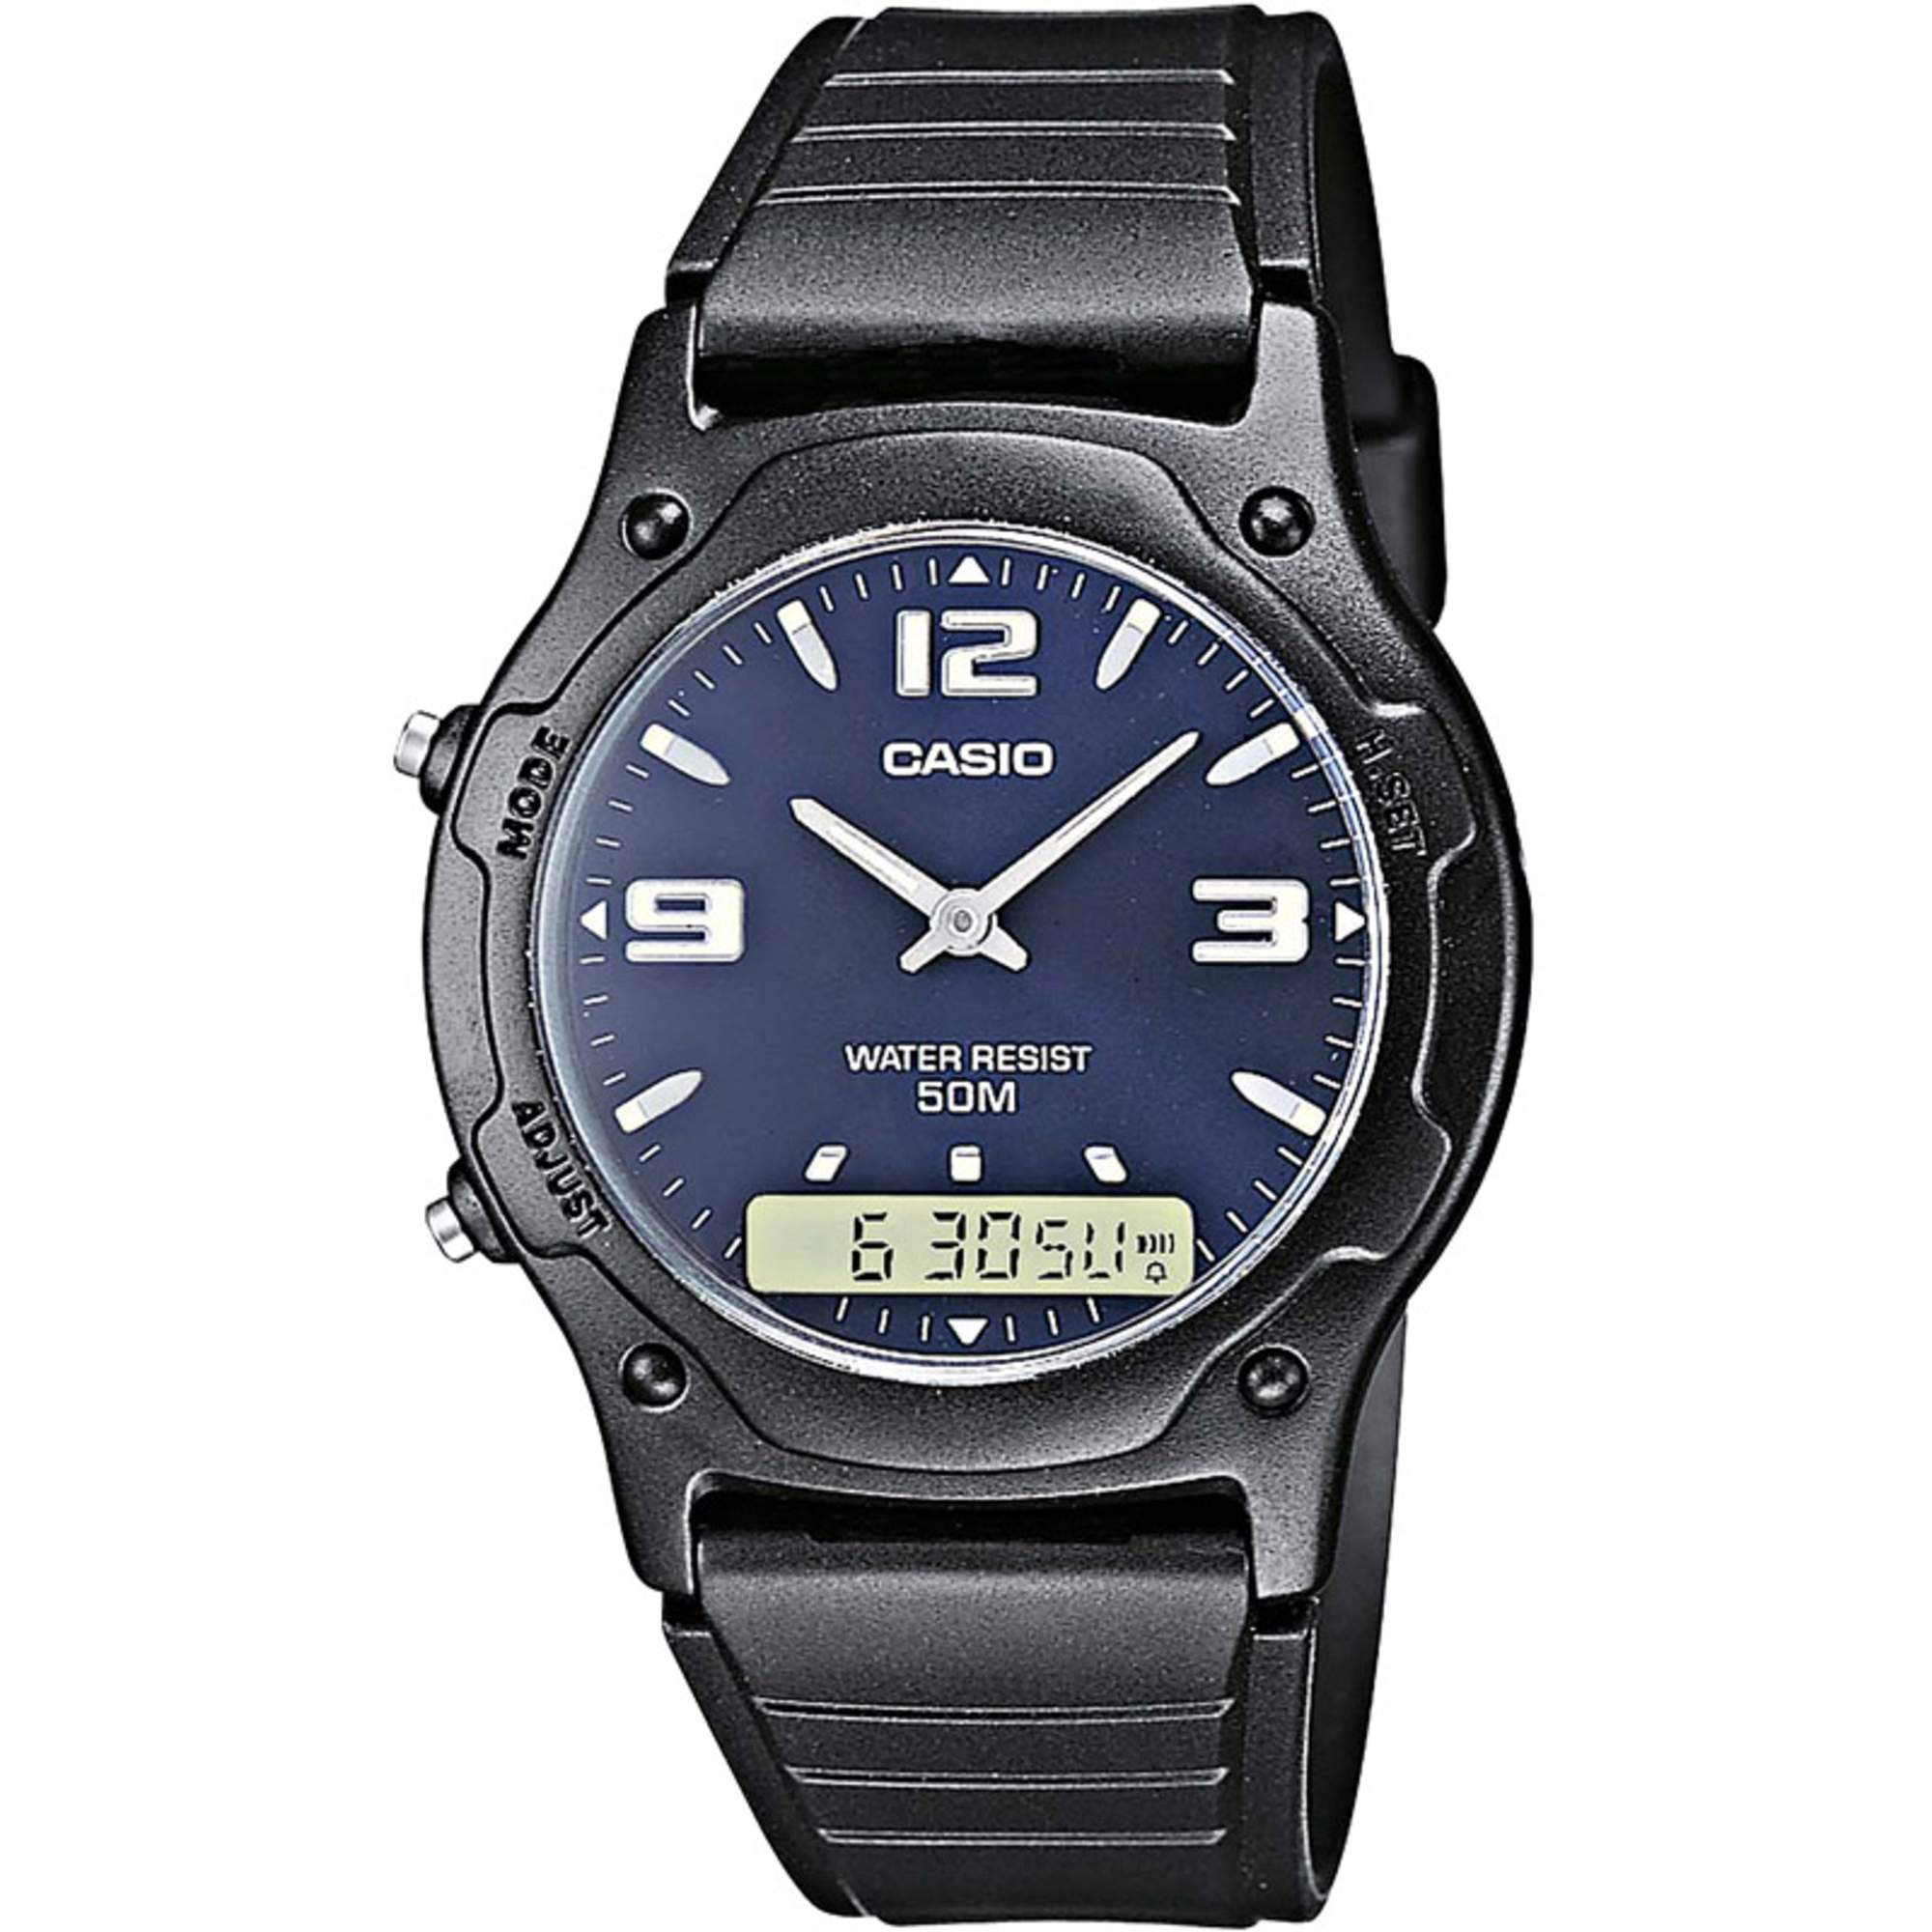 116785_a_trip_doubletime_casio Elegantes Uhr Mit Temperaturanzeige Dekorationen